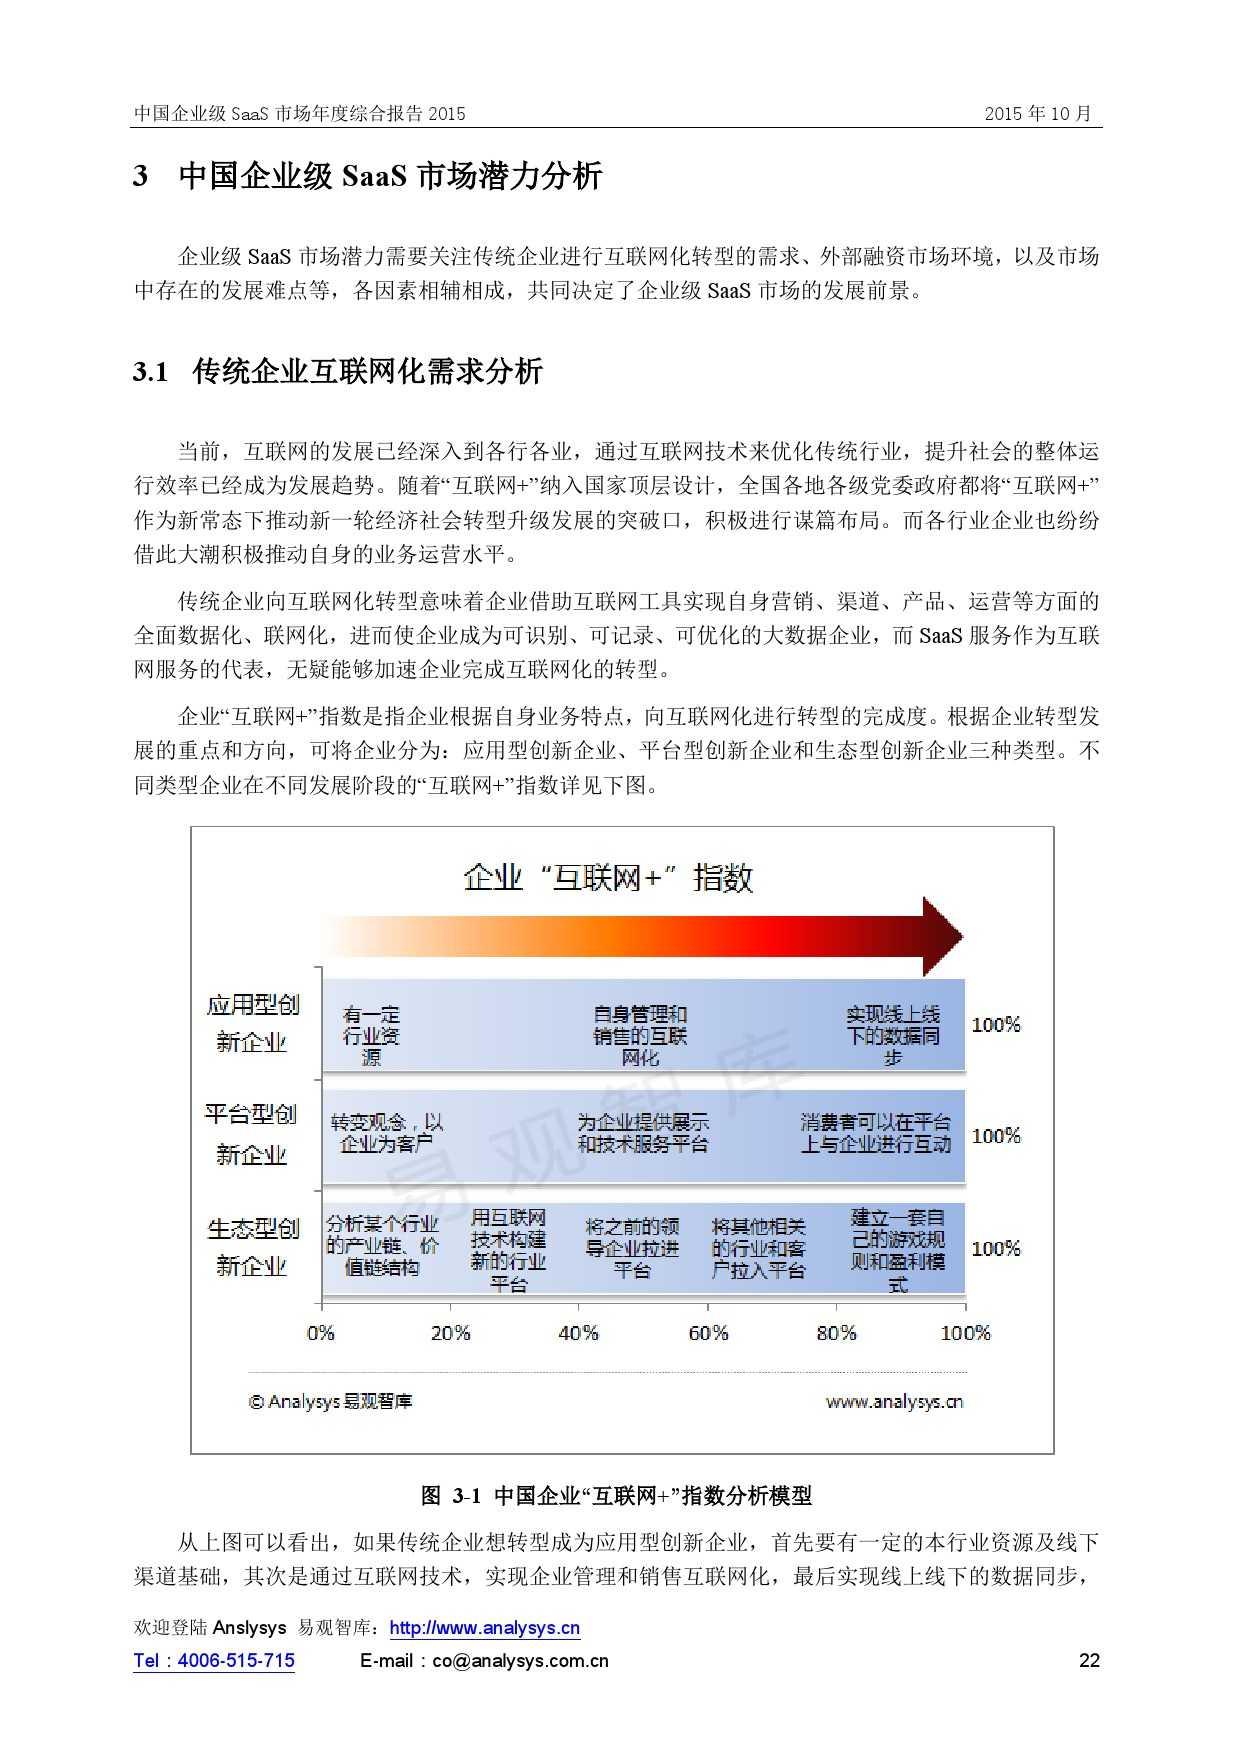 中国企业级SaaS市场年度综合报告2015 01_000022